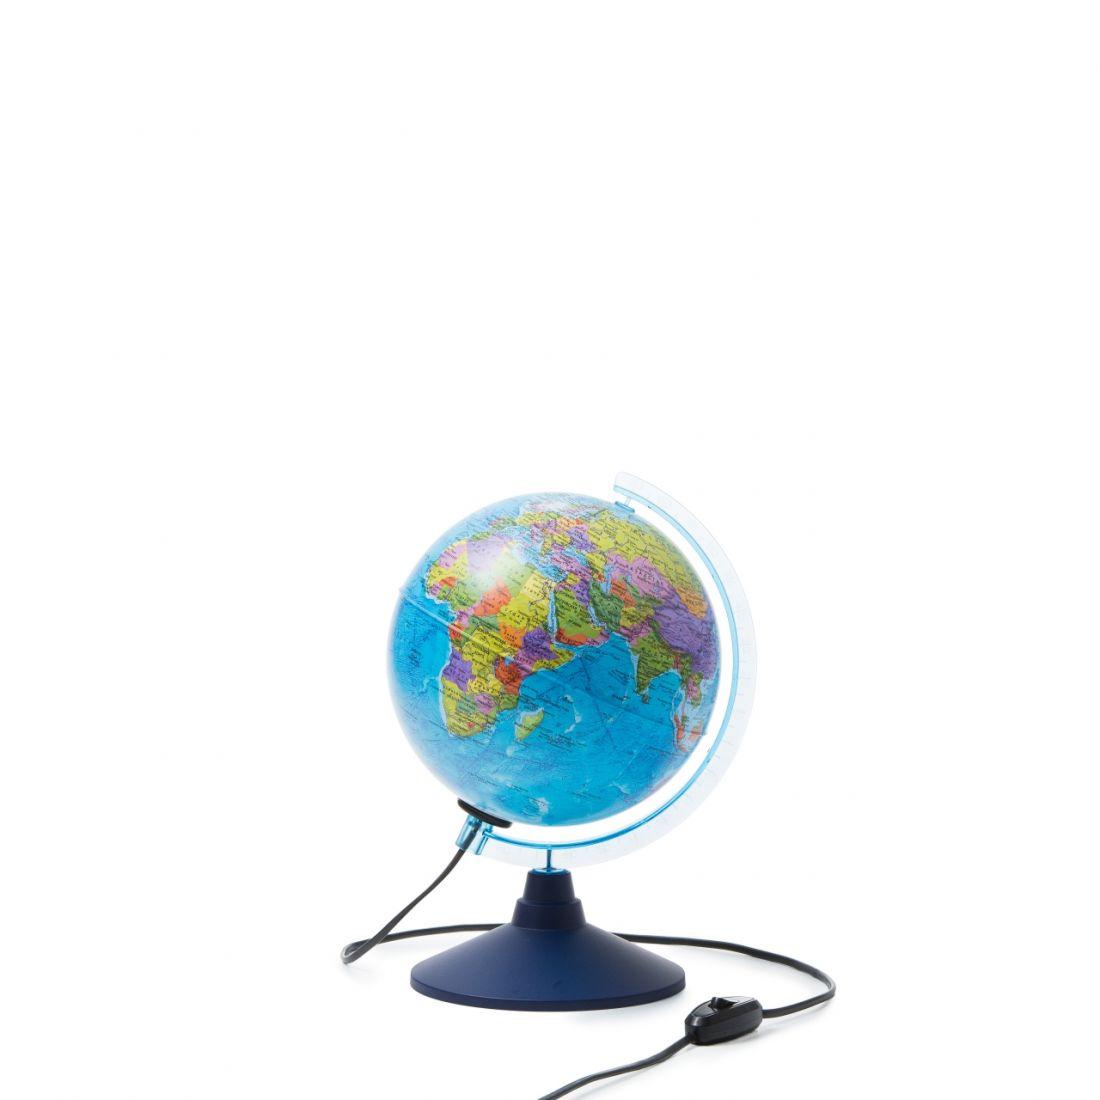 Глобус GLOBEN INT12100294 Земли интерактивный политический с подсветкой 210мм с очками VR